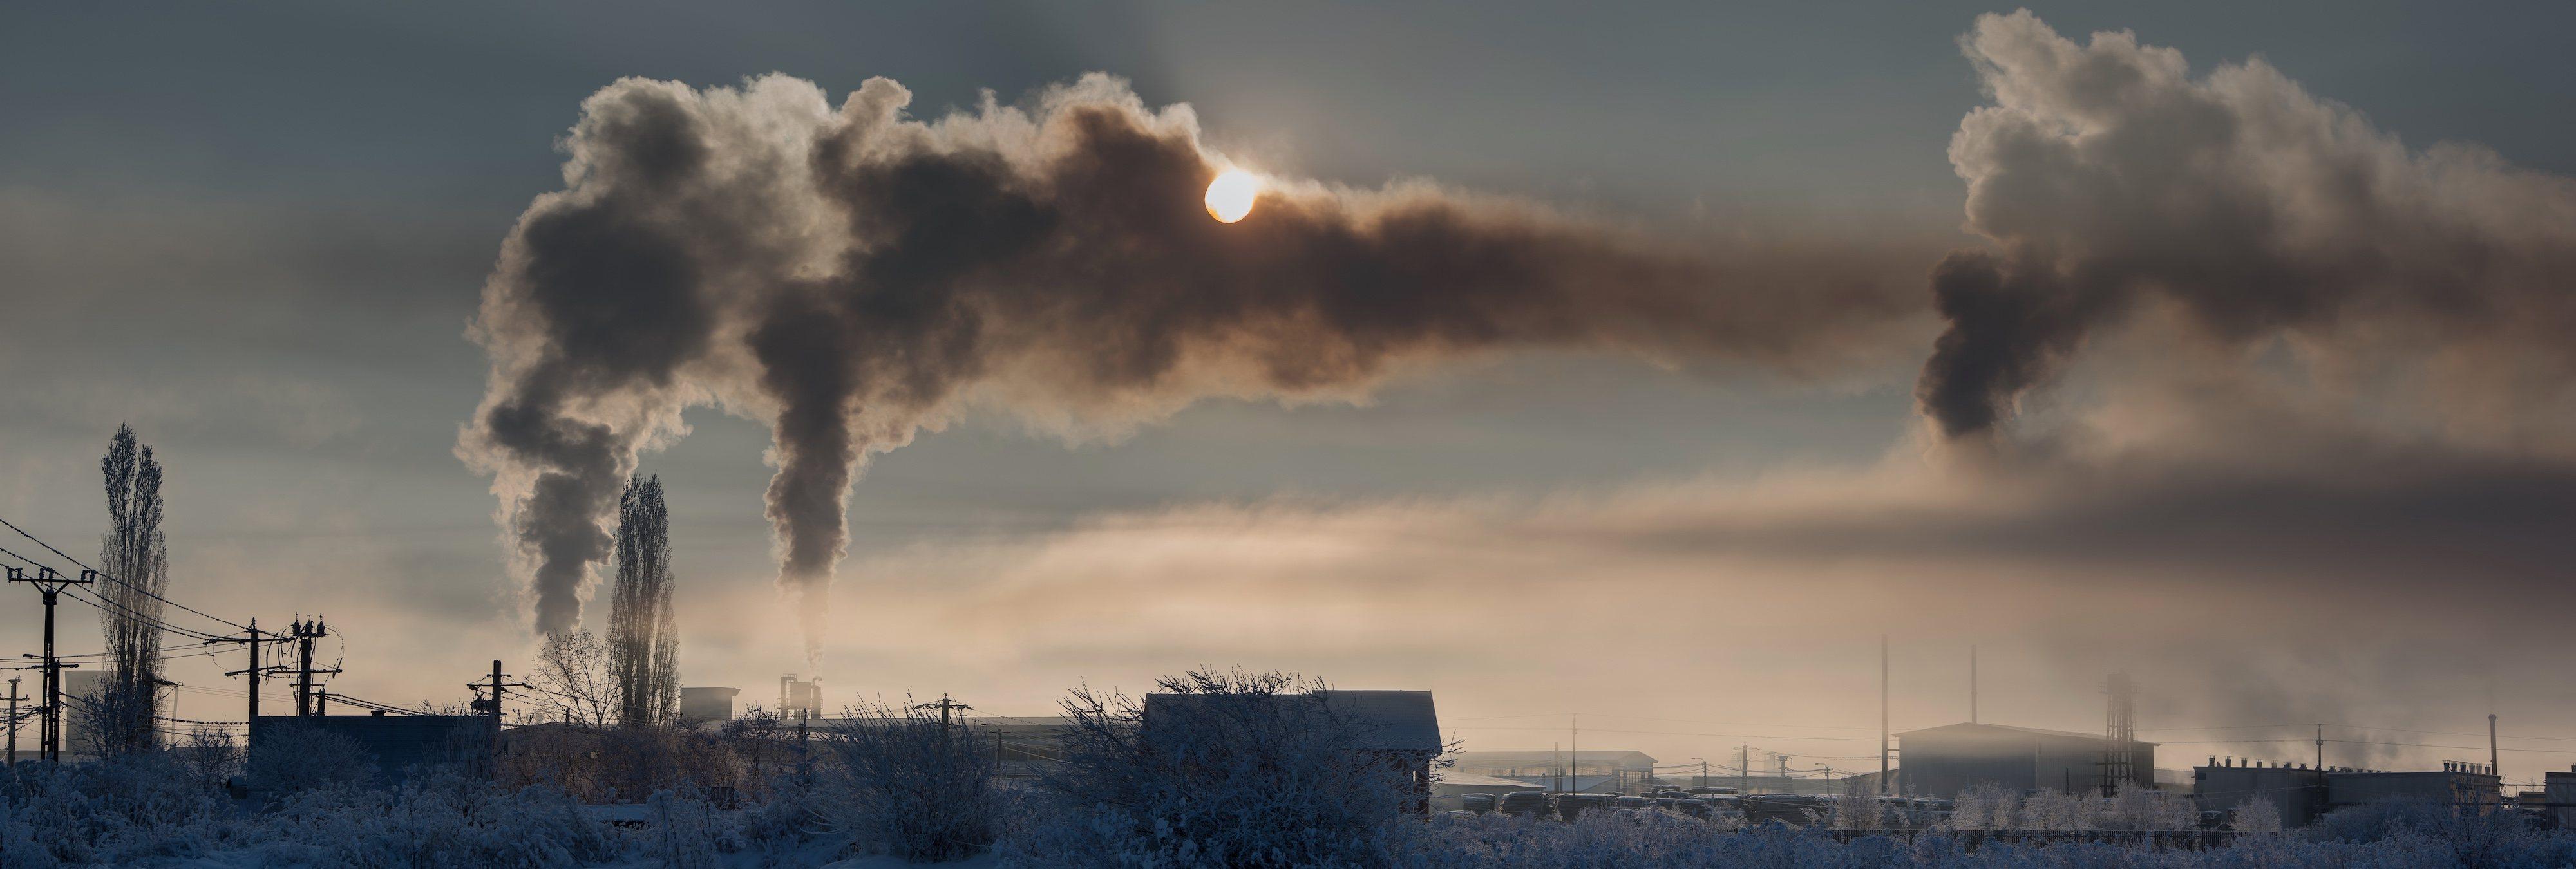 La Tierra alcanza la mayor concentración de CO2 desde hace millones de años